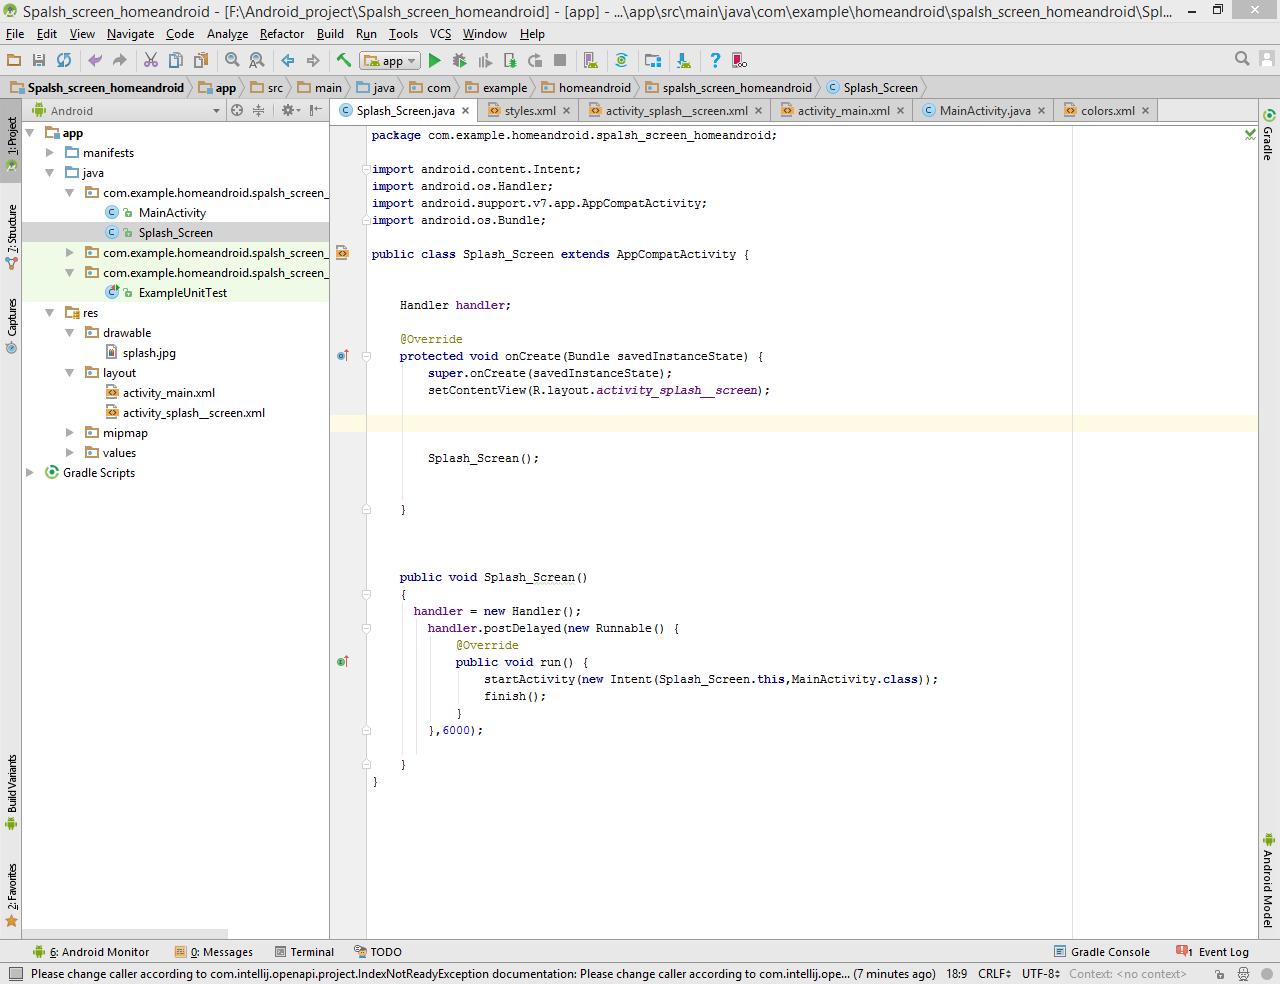 سورس کد اسپلس اسکرین